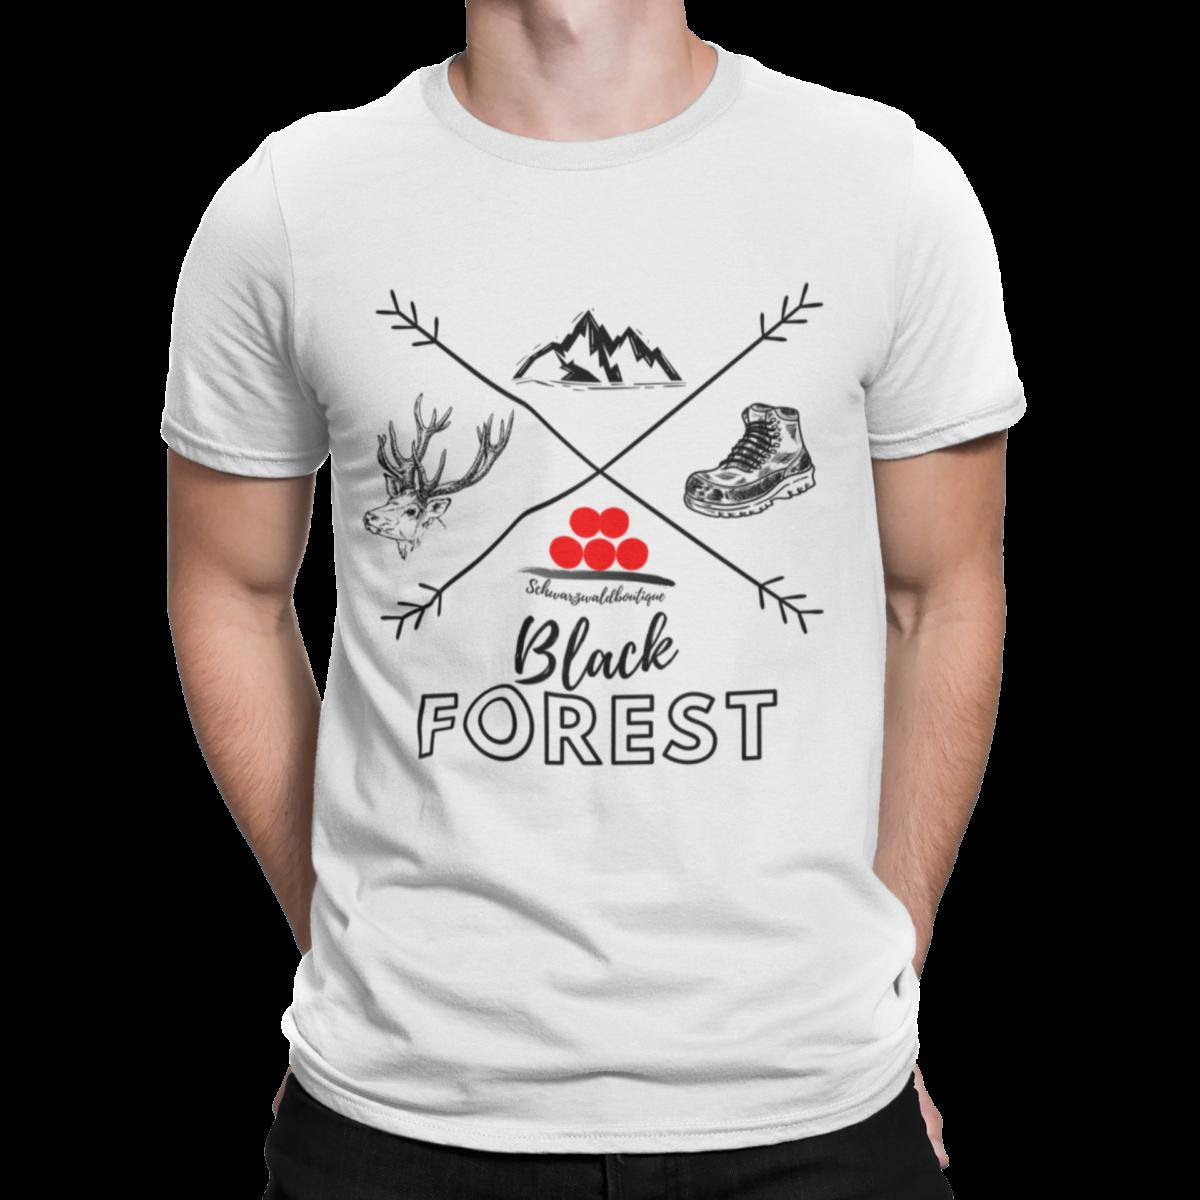 Schwarzwald T-shirt black forest kompass